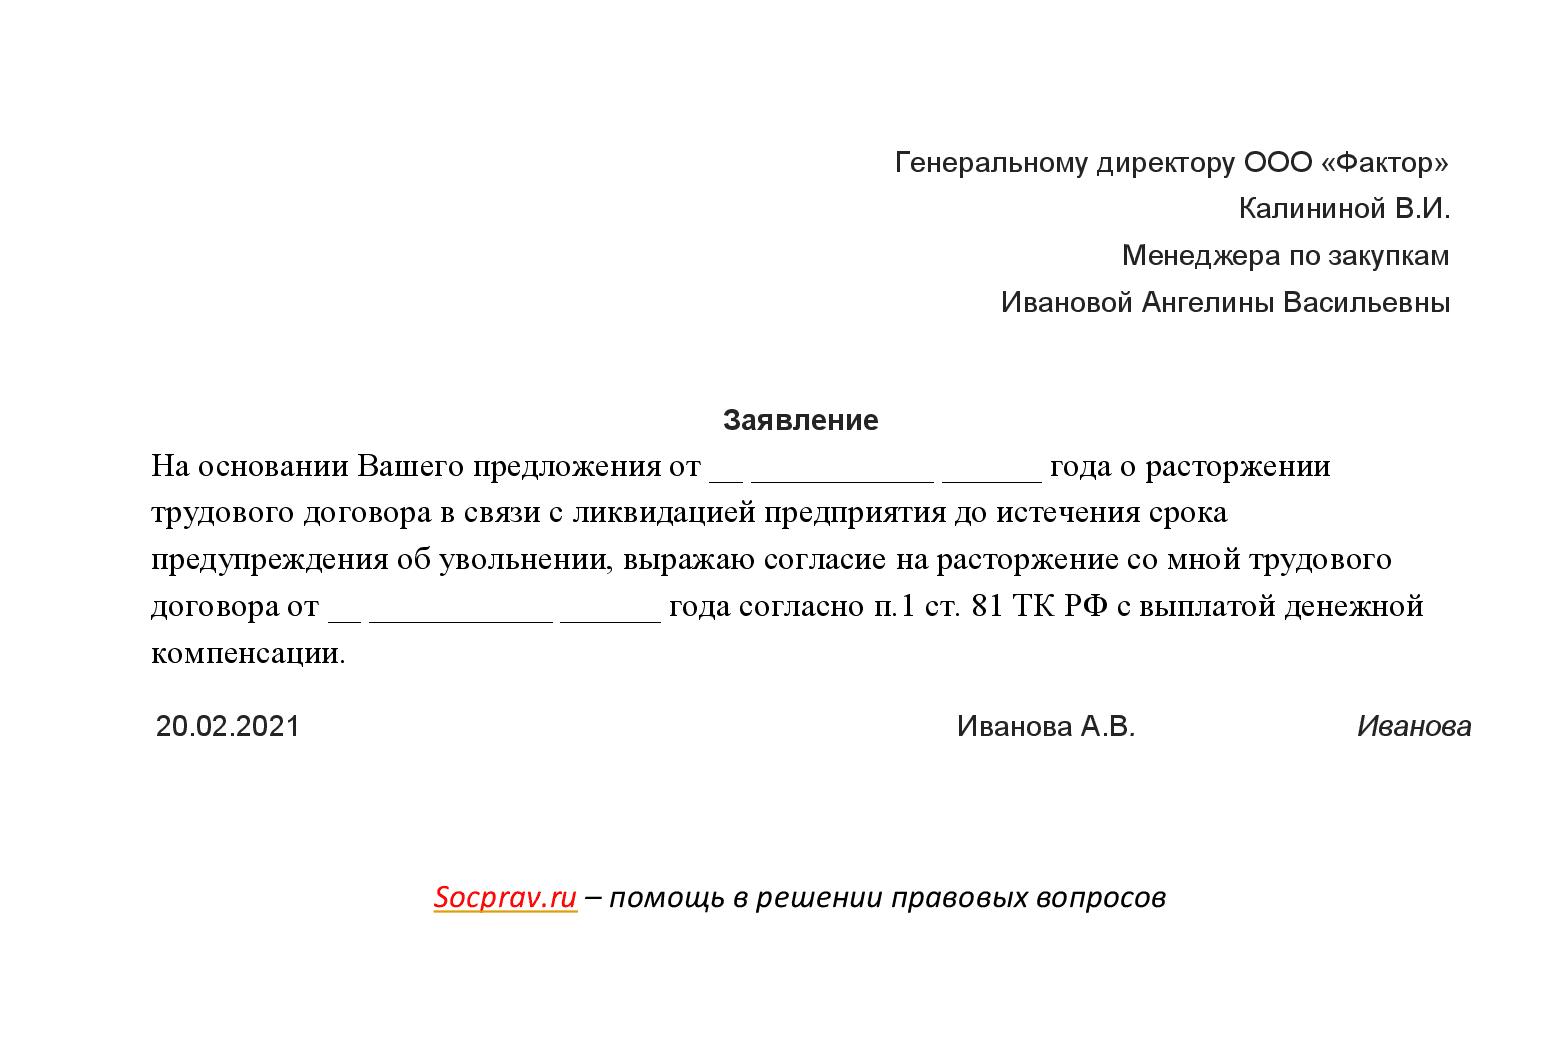 Заявление о досрочном увольнении в связи с ликвидацией предприятия